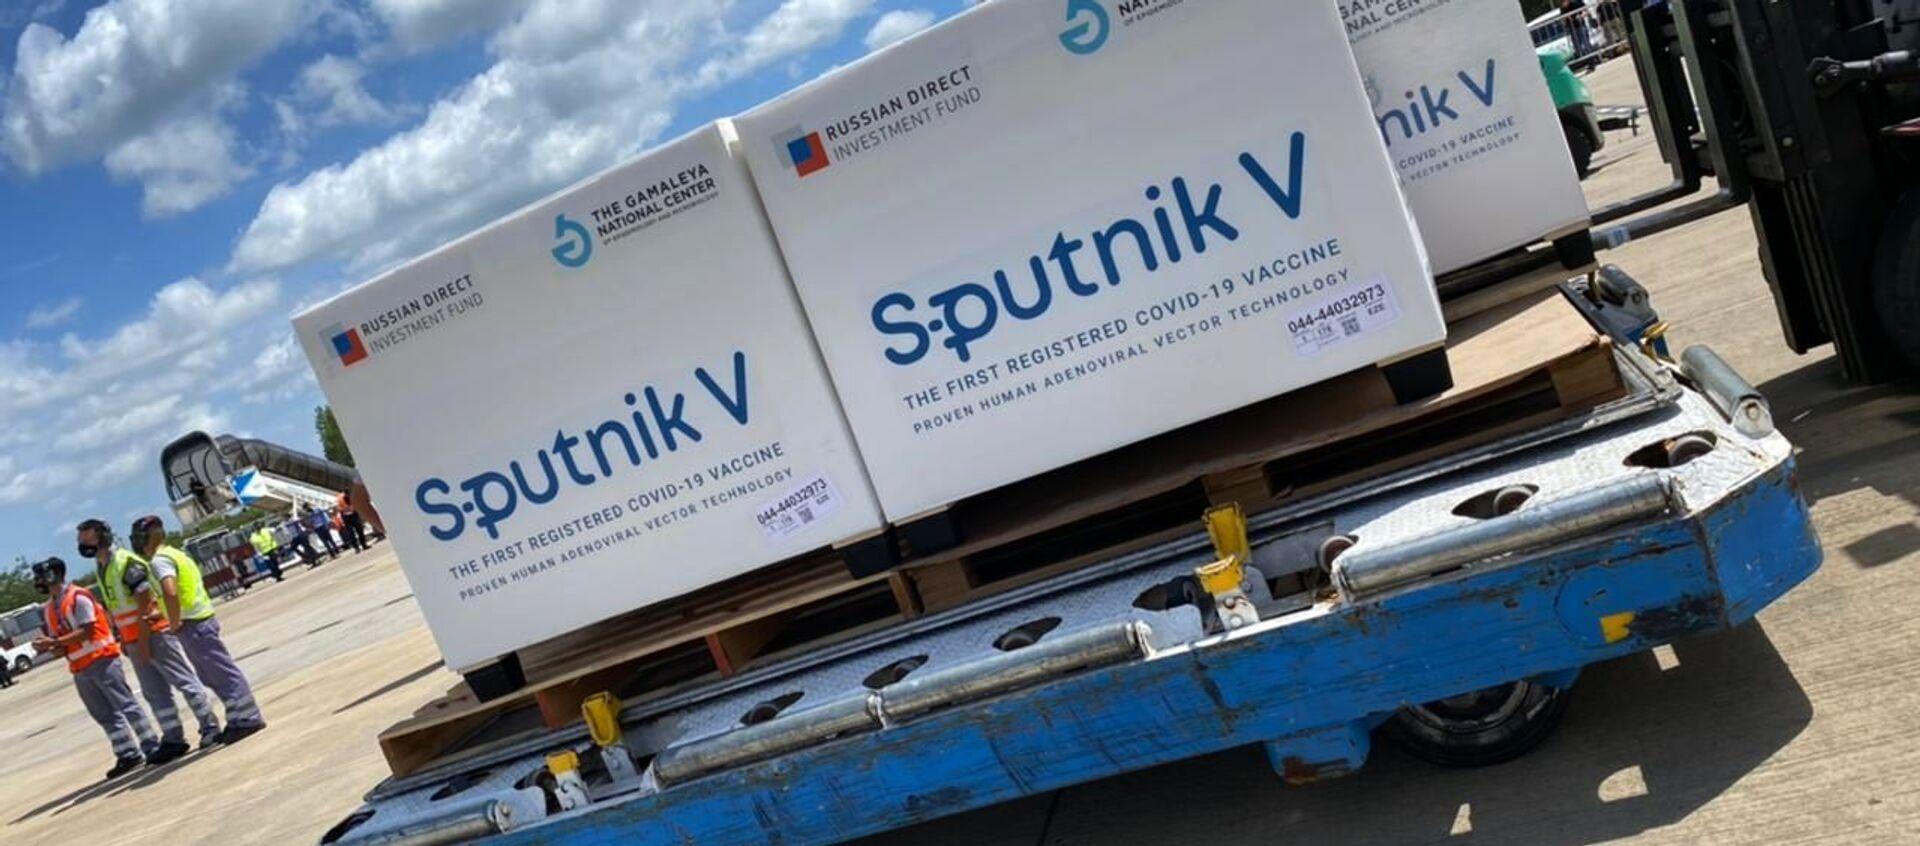 Российская вакцина Sputnik V в аэропорту - Sputnik Ўзбекистон, 1920, 06.03.2021